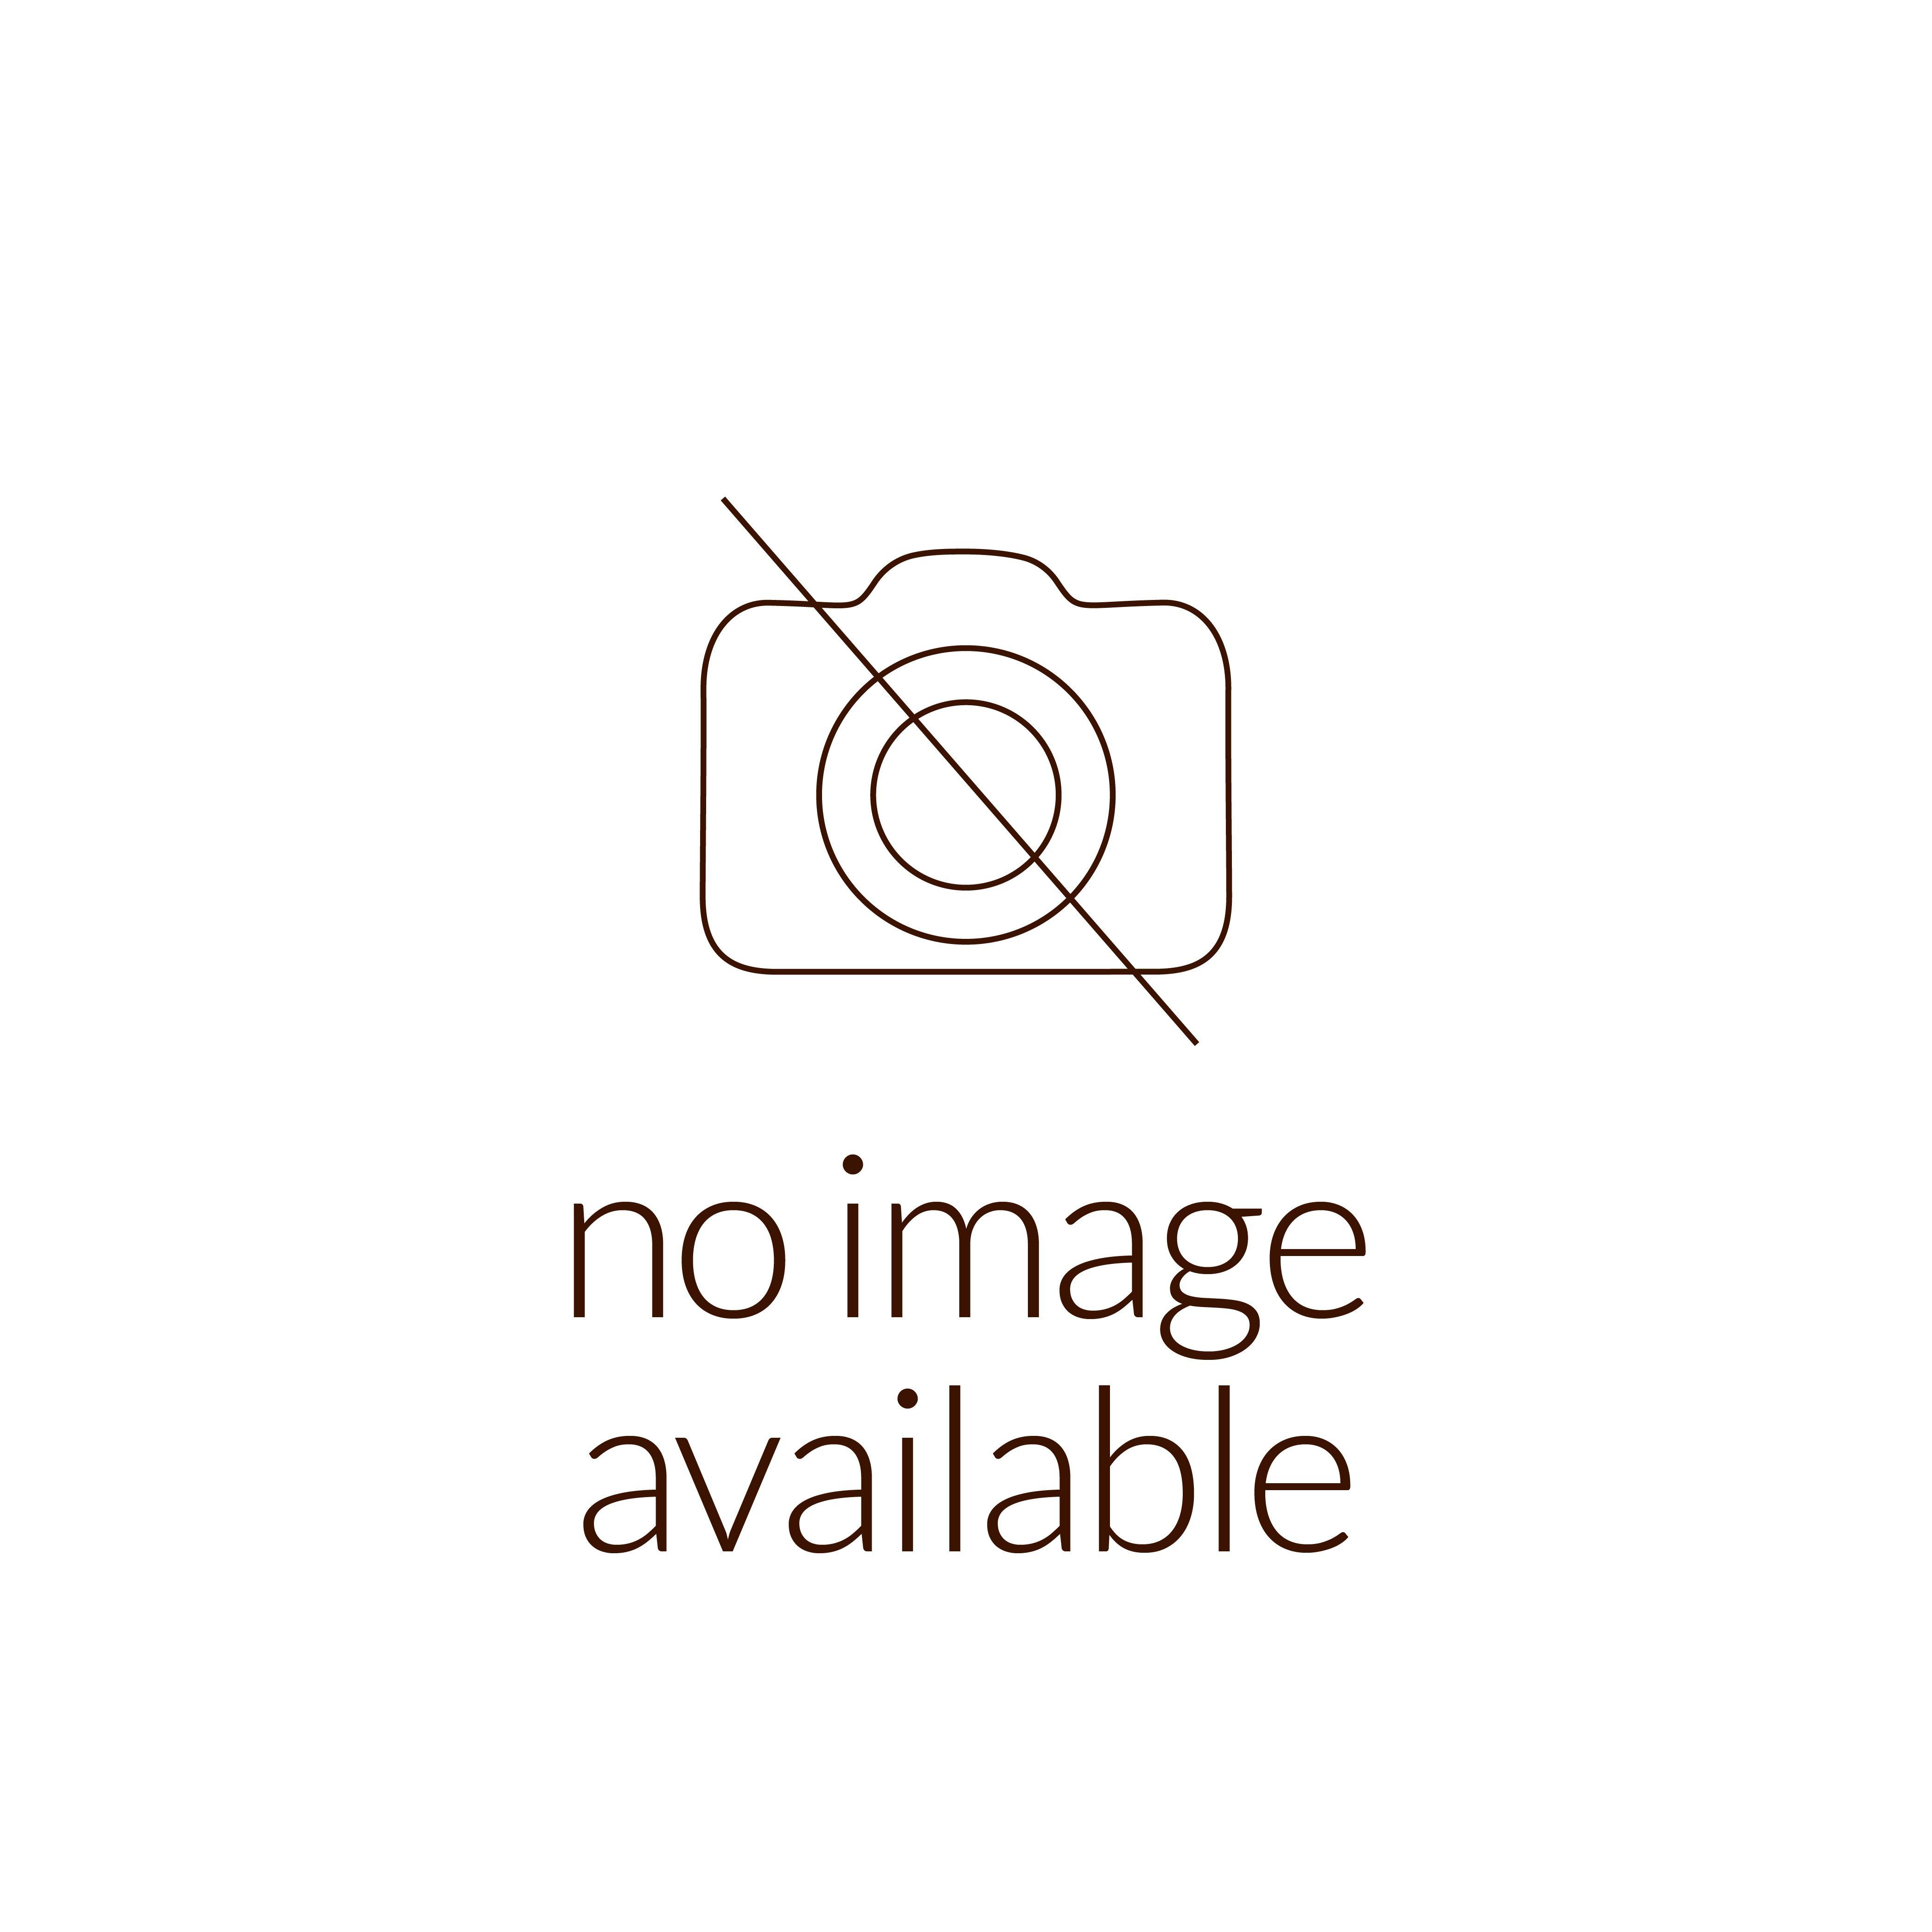 """מטבע זיכרון, שמואל יוסף (ש""""י) עגנון, כסף, 30 מ""""מ, 14.4 גרם - צד הנושא"""